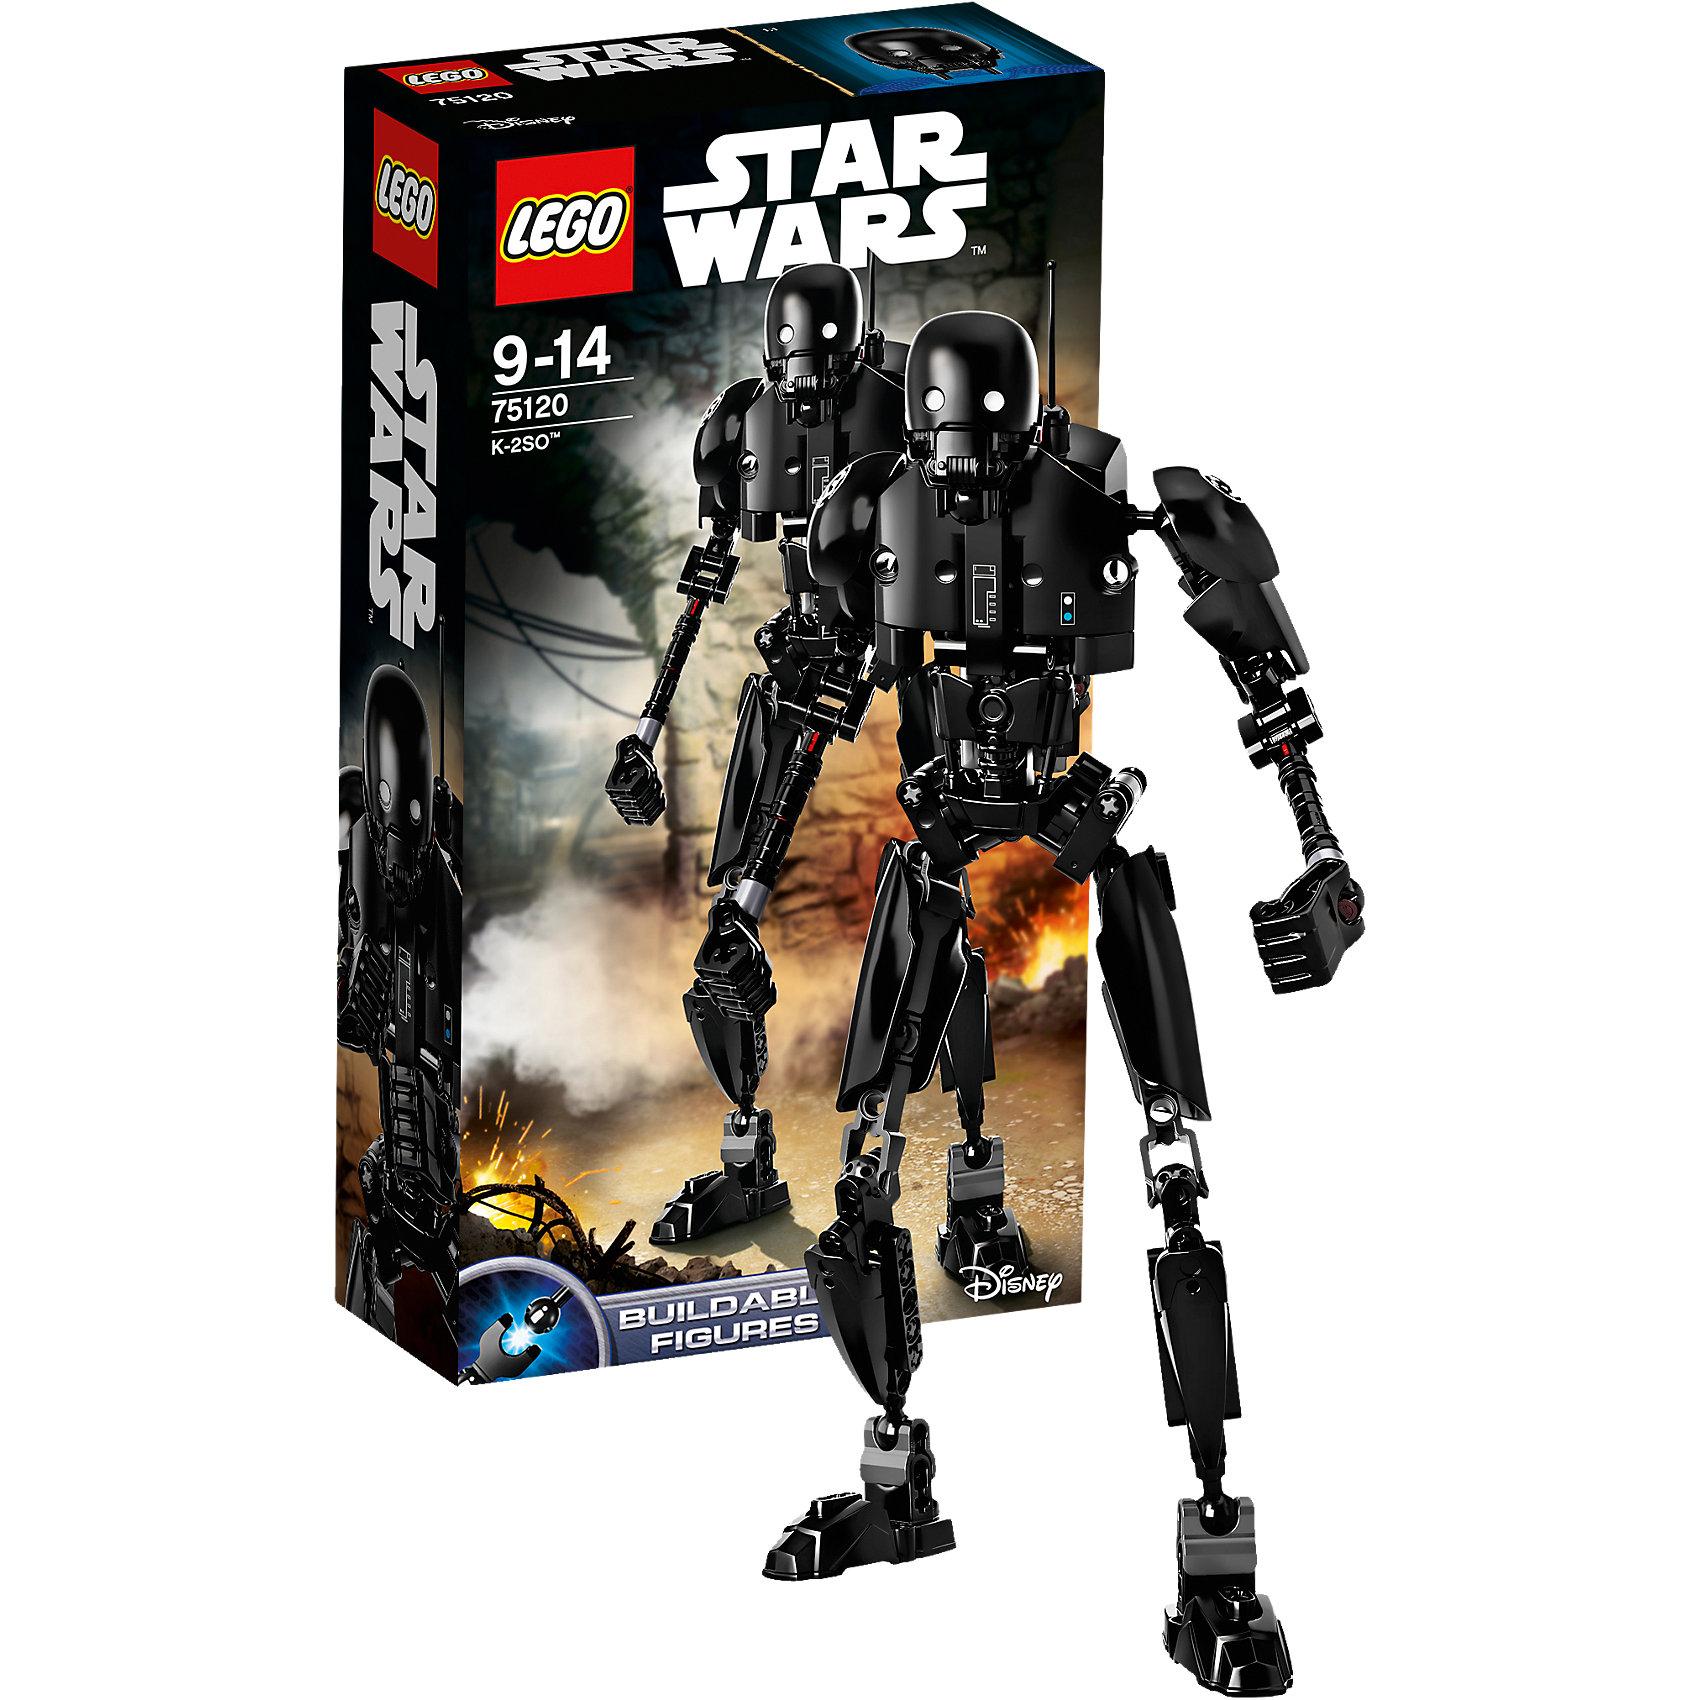 LEGO Star Wars 75120: K-2S0Пластмассовые конструкторы<br>Фильм Звездные войны обожают современные дети. Подарите им возможность играть с героями из любимого фильма, воссоздавая боевые сцены из кино или придумывая свои! Эти фигурки подвижны, состоят из деталей, поэтому детям с ними играть очень интересно. <br>Одна игрушка - только часть большой коллекции LEGO Star Wars, поэтому детям будет интересно еще и коллекционировать разные фигурки и наборы. Такие игрушки помогают ребенку развивать мелкую моторику, воображение и творческое мышление! Материалы, использованные при изготовлении игрушек, полностью безопасны для детей и отвечают всем требованиям по качеству.<br><br>Дополнительная информация:<br><br>цвет: разноцветный;<br>материал: пластик;<br>деталей: 169;<br>высота игрушки: 29 см.<br><br>LEGO Star Wars 75120: K-2S0 можно приобрести в нашем магазине.<br><br>Ширина мм: 265<br>Глубина мм: 144<br>Высота мм: 66<br>Вес г: 251<br>Возраст от месяцев: 108<br>Возраст до месяцев: 168<br>Пол: Мужской<br>Возраст: Детский<br>SKU: 4641277